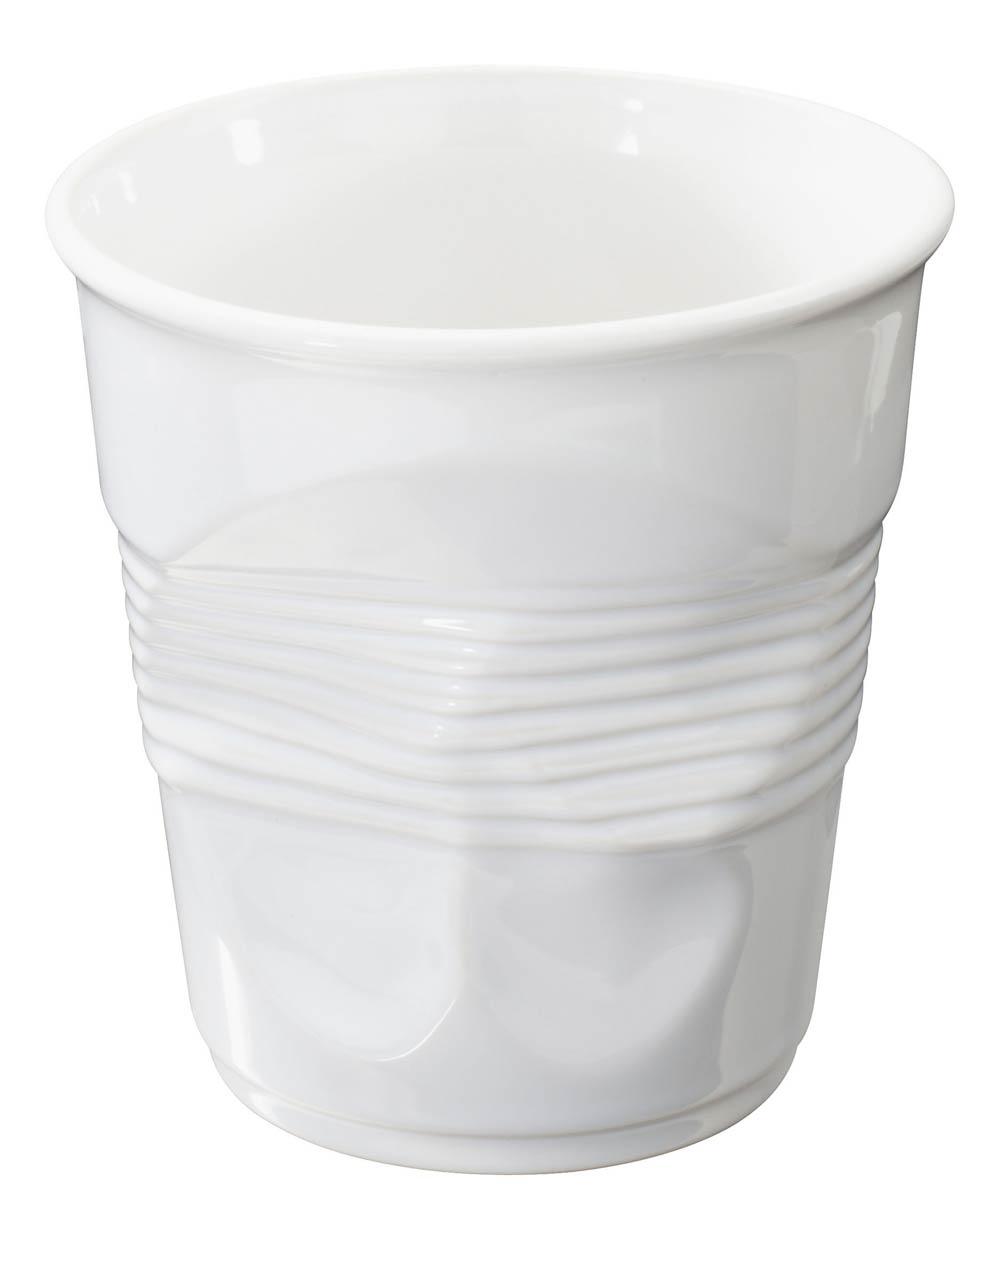 Revol Froisses White Porcelain 1 Quart Crumple Buffet Jar